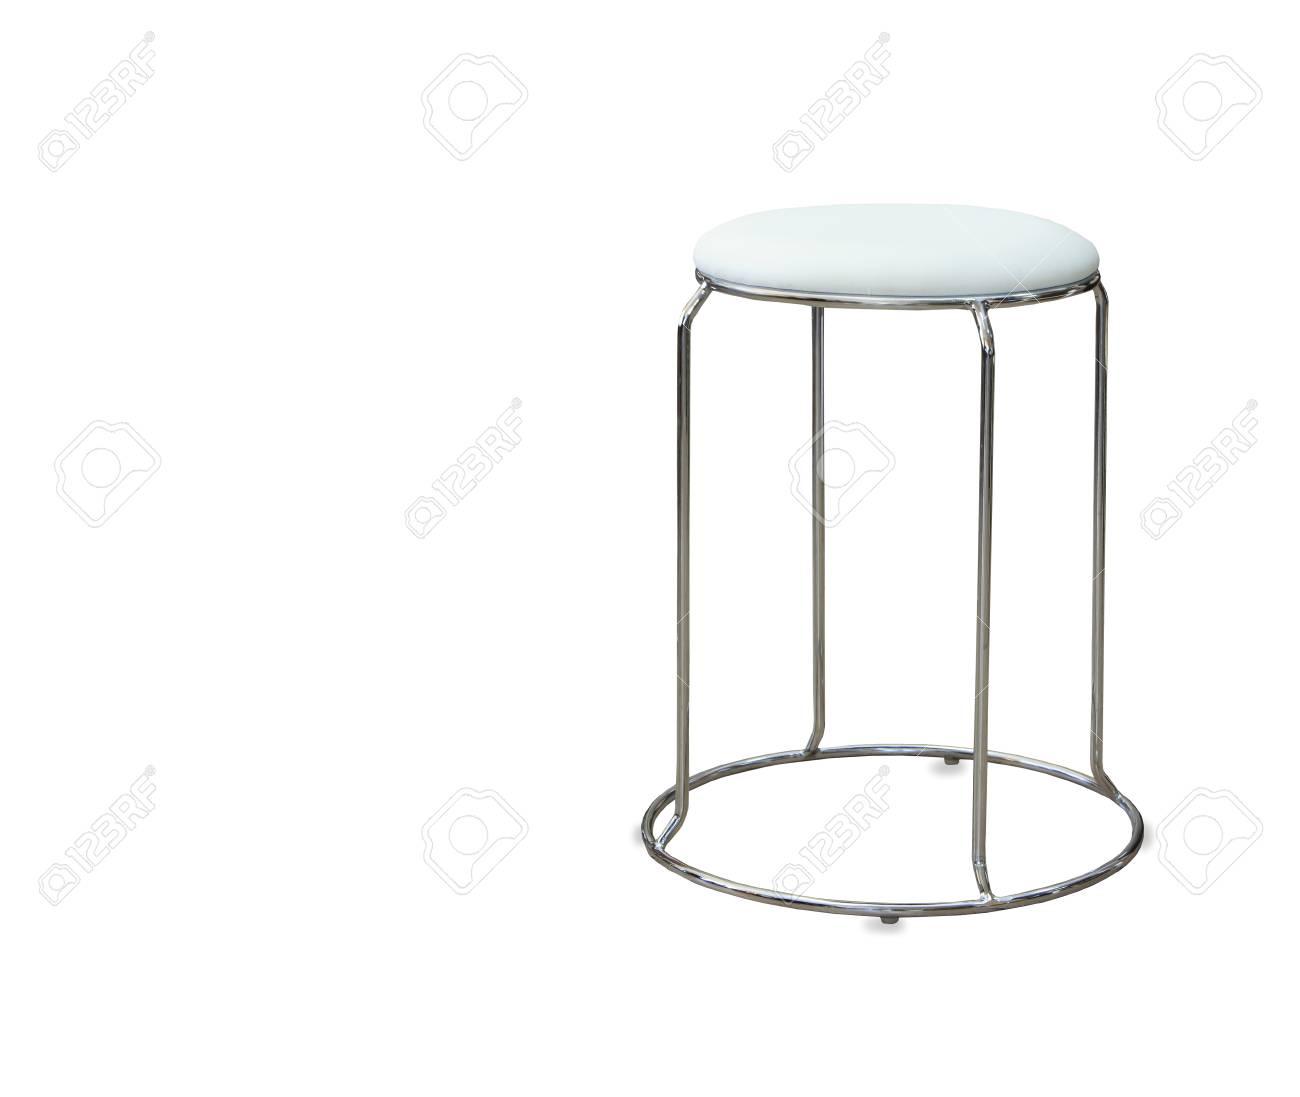 Chaise de cuisine moderne isolée sur fond blanc